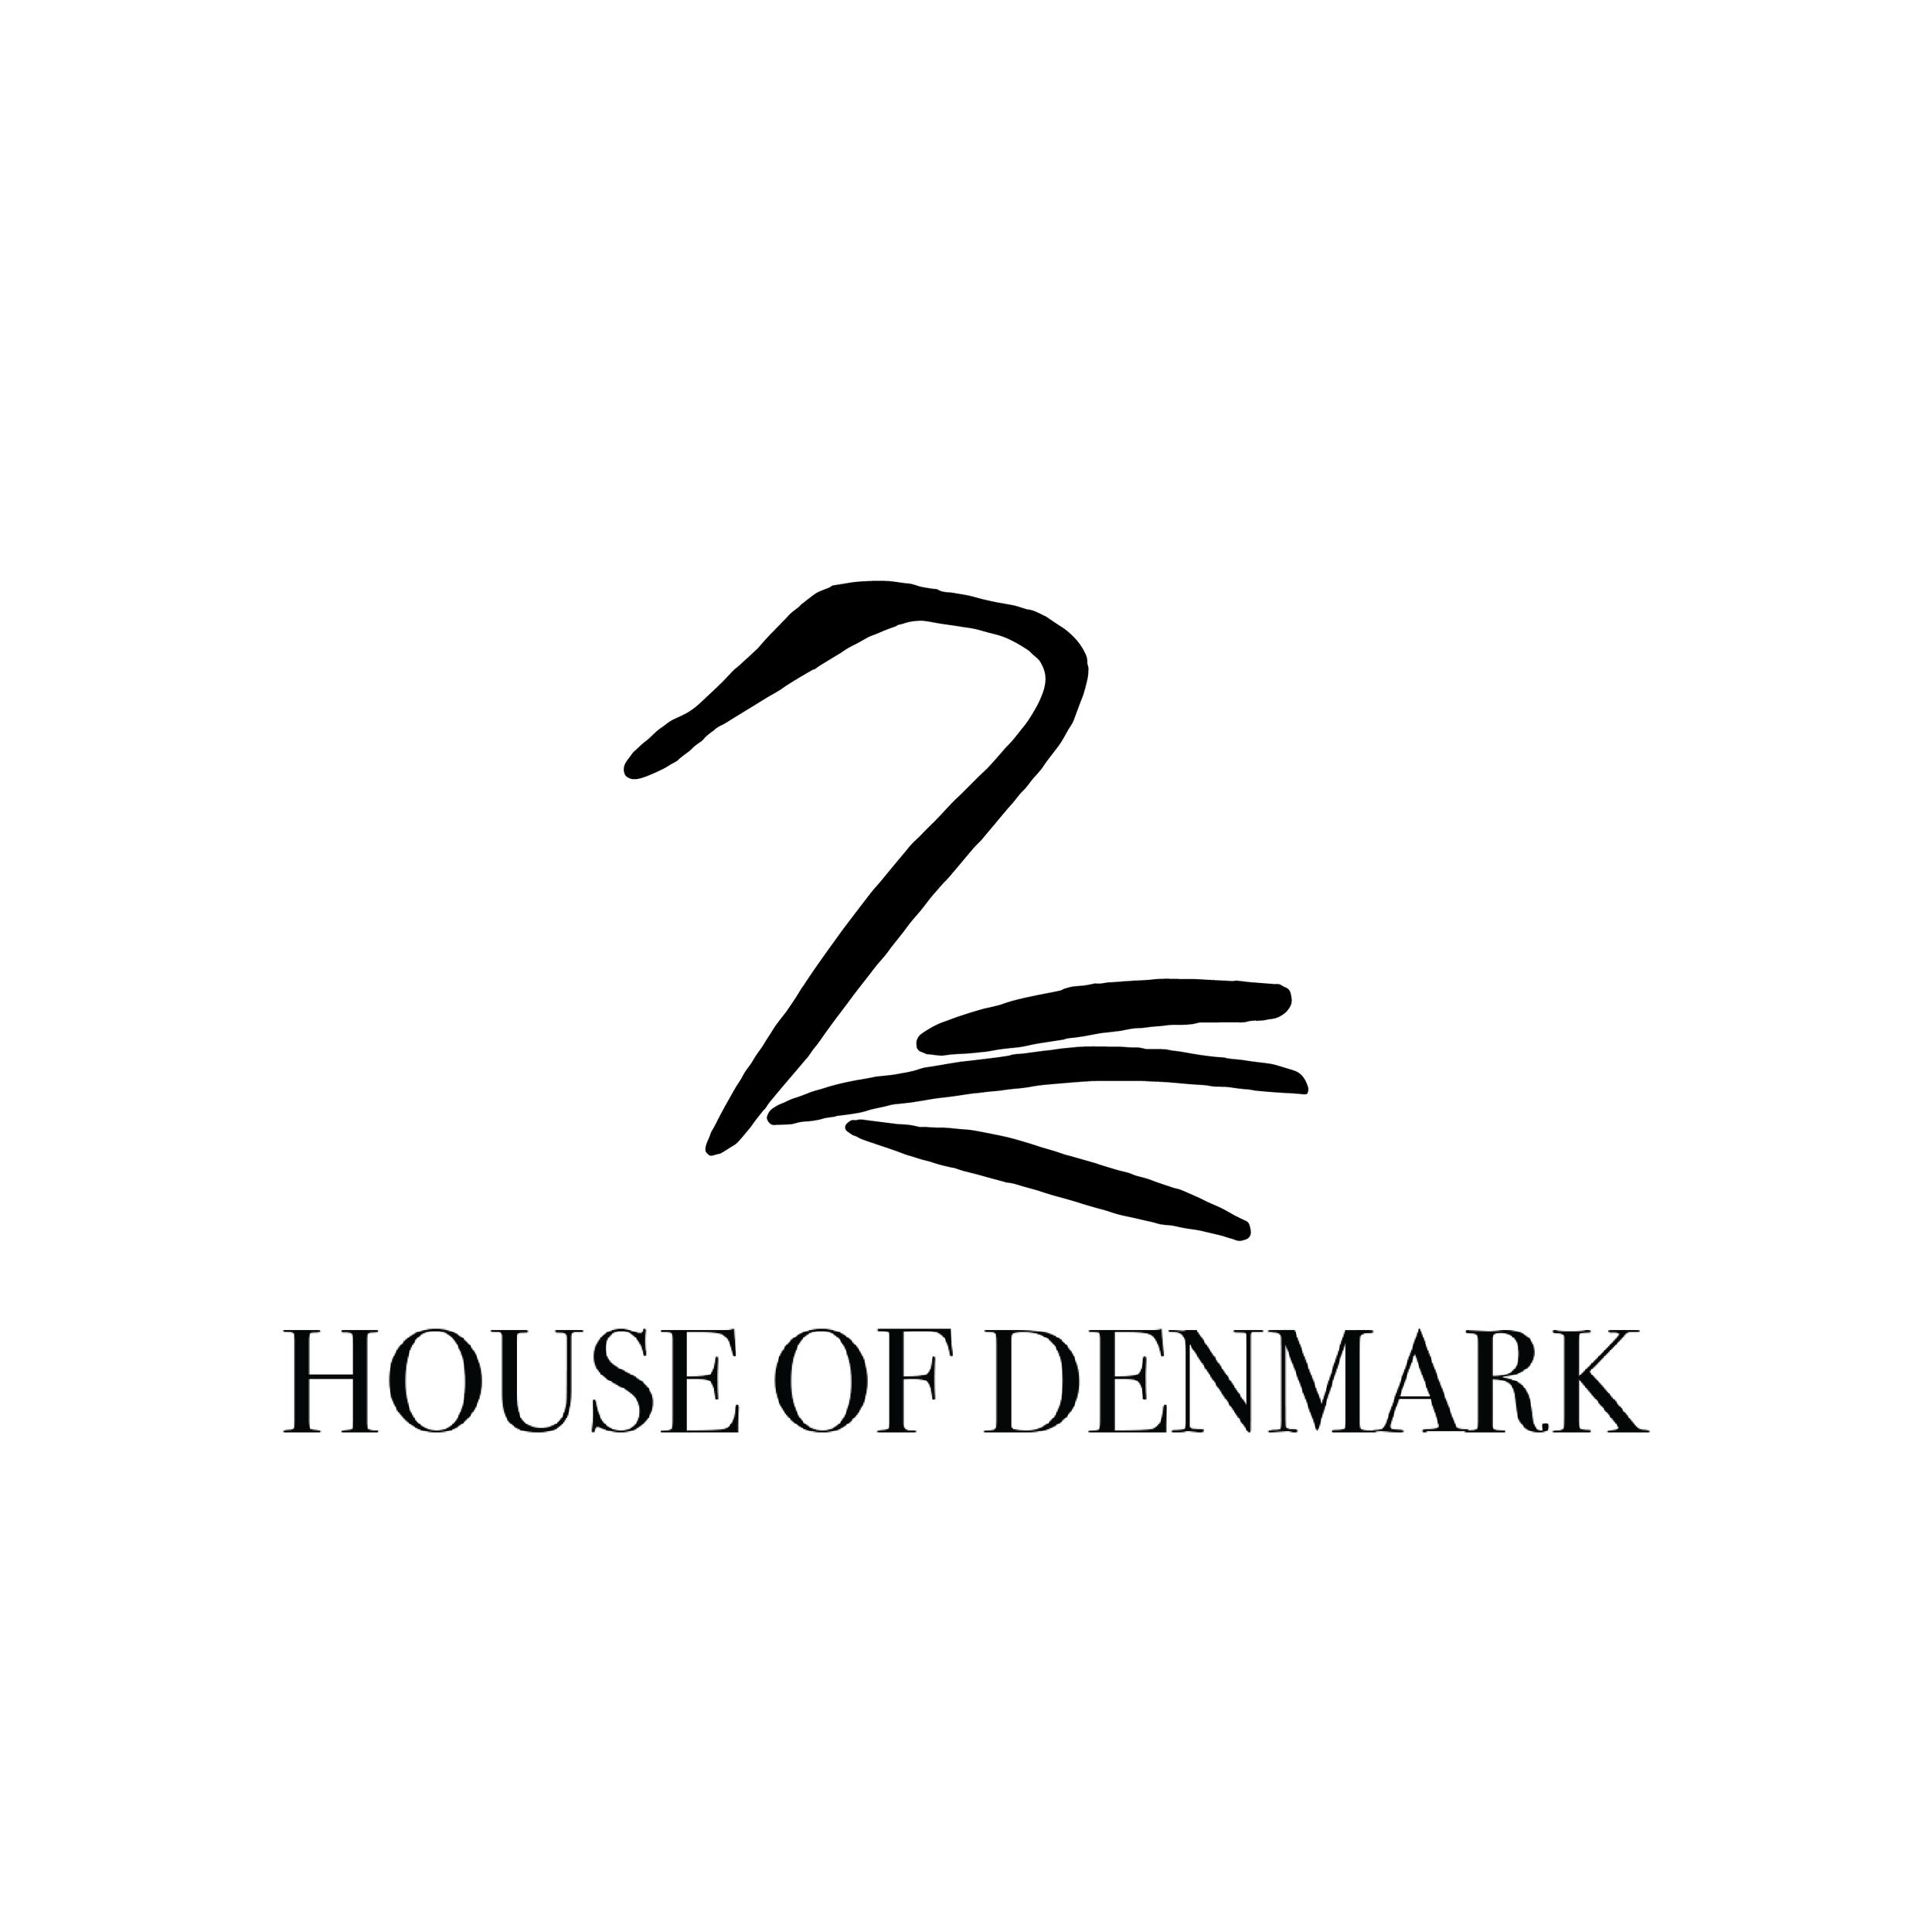 House of Denmark: Innovative Furniture